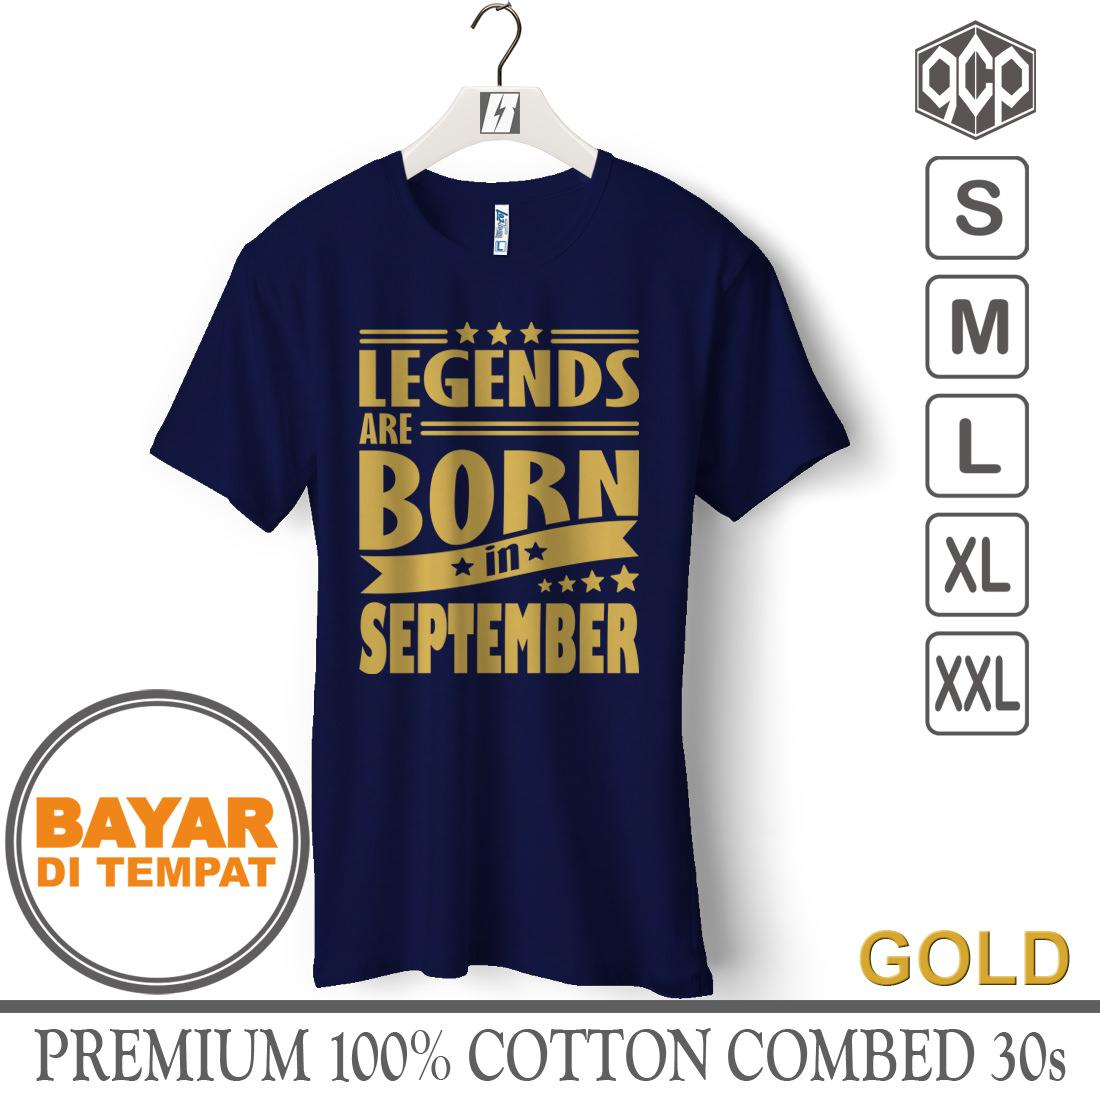 Jual Murah Kaos Distro Pria T Shirt Male Hrcn 69 H 0028 Berkualitas Casual Bulan Lahir September Gcp69